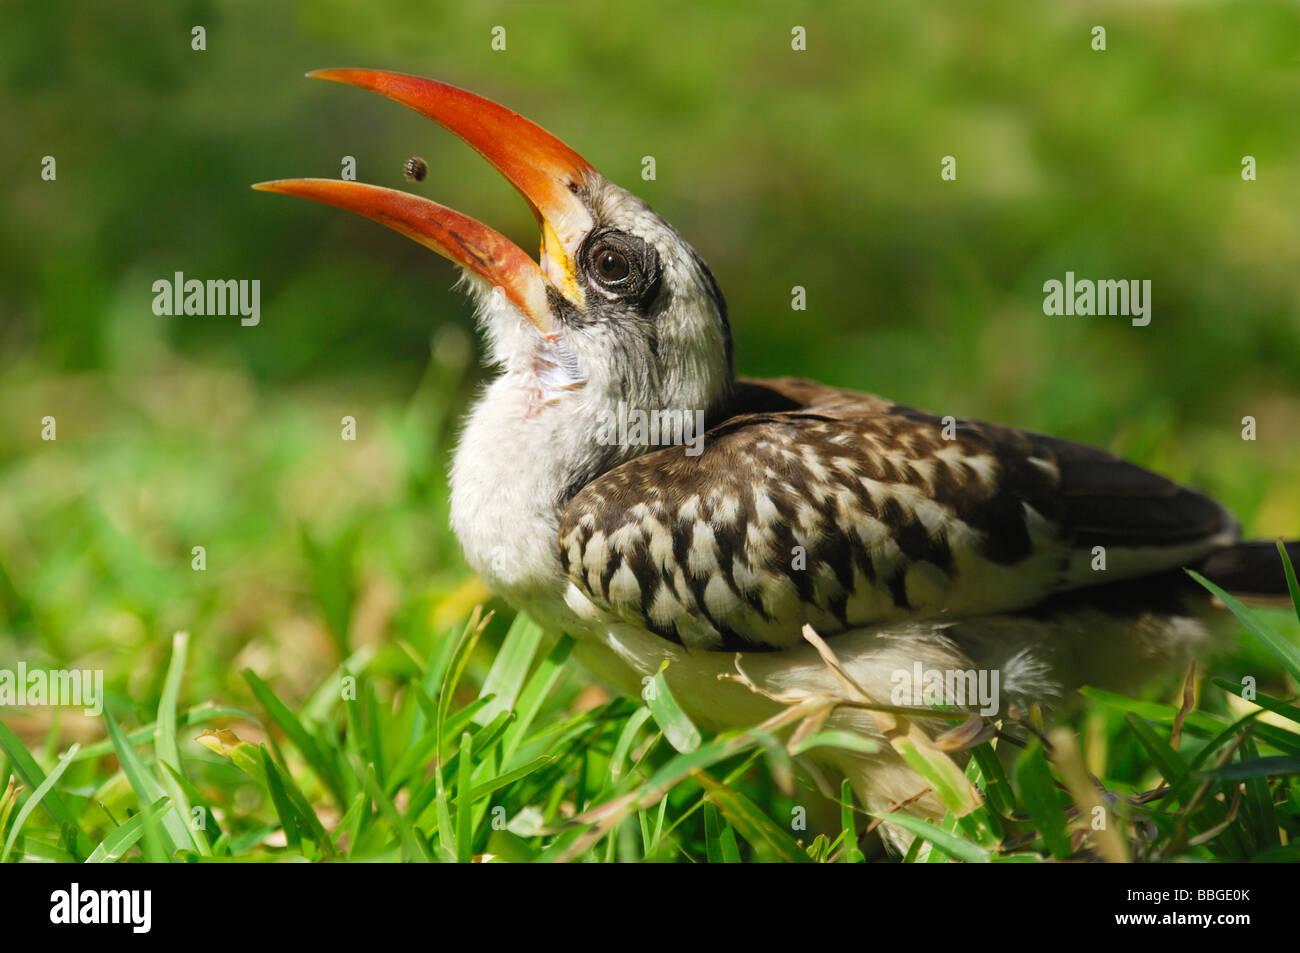 Calao à bec rouge (Tochus erythrorhynchus) se nourrissant de graines en Gambie Photo Stock